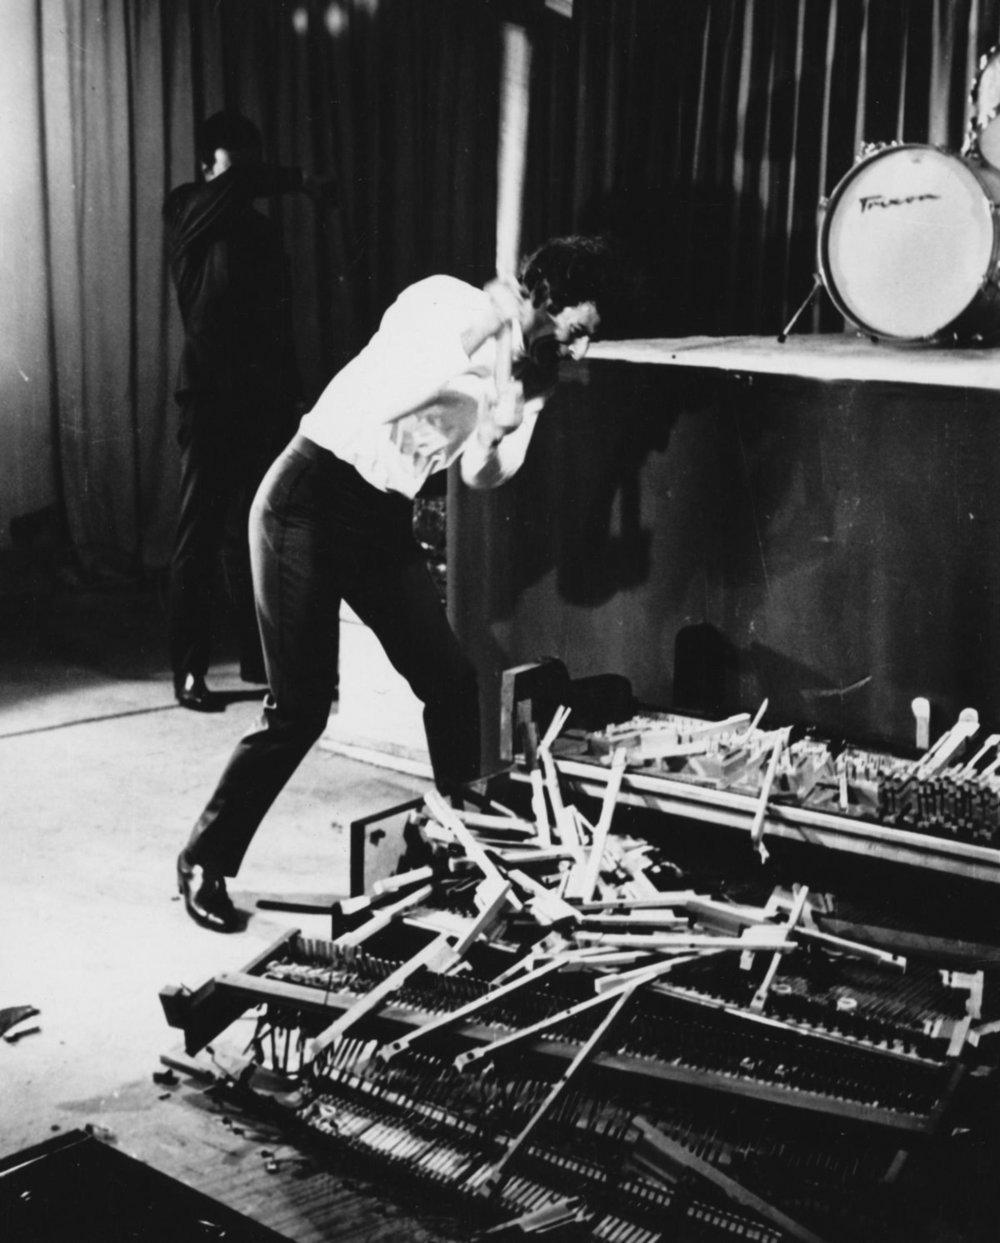 Tiempos de Pánico. Jodorowsky destruyendo un televisor en un programa de televisión en 1967